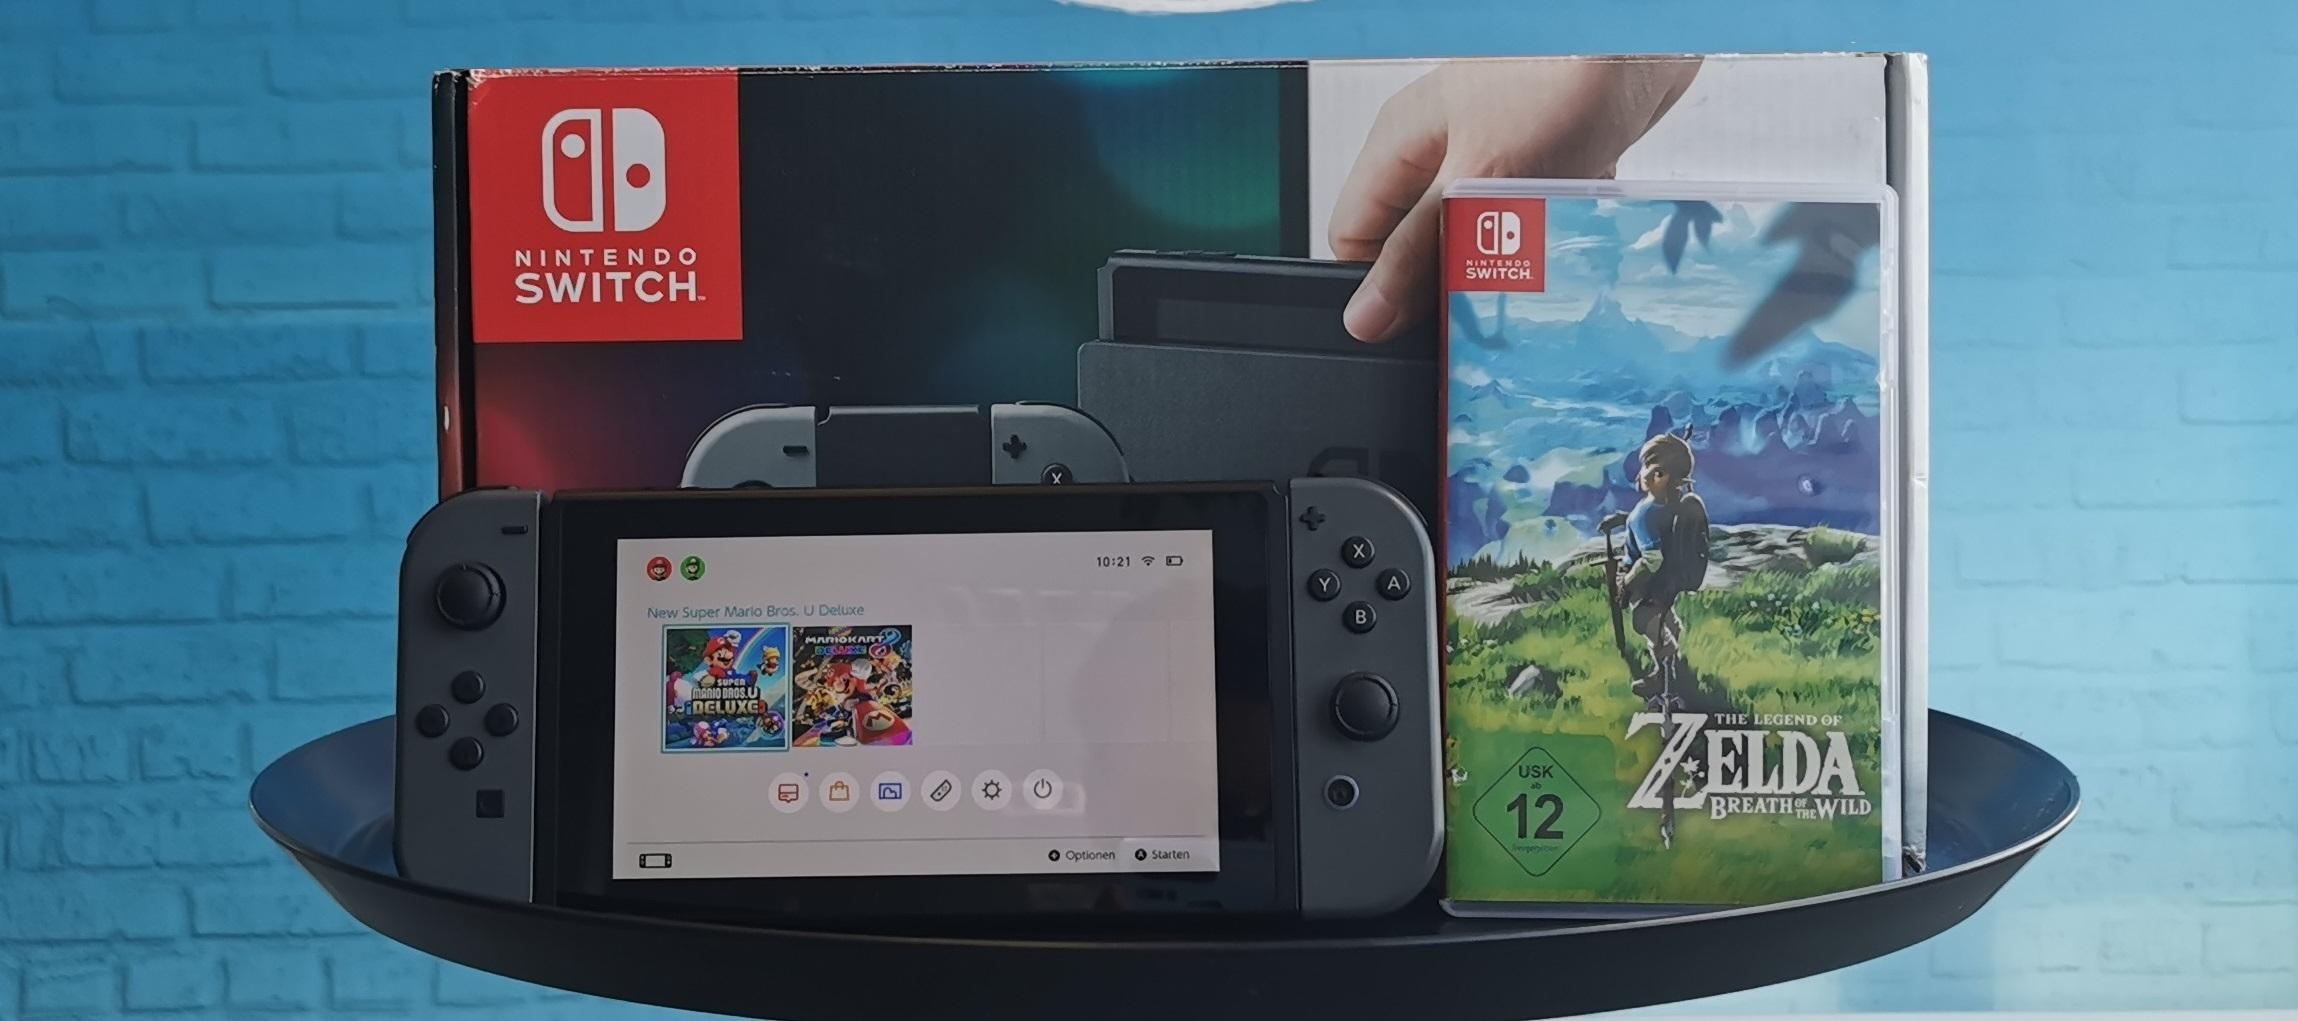 Nintendo Switch Testgerät: Link, Mario, Luigi und Co. warten auf dich! Bewirb dich jetzt!